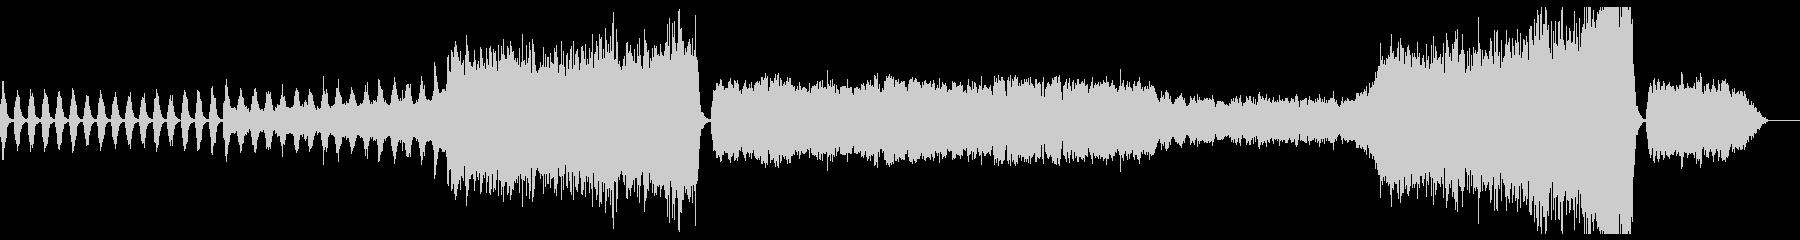 管弦楽による幻想的なBGMの未再生の波形